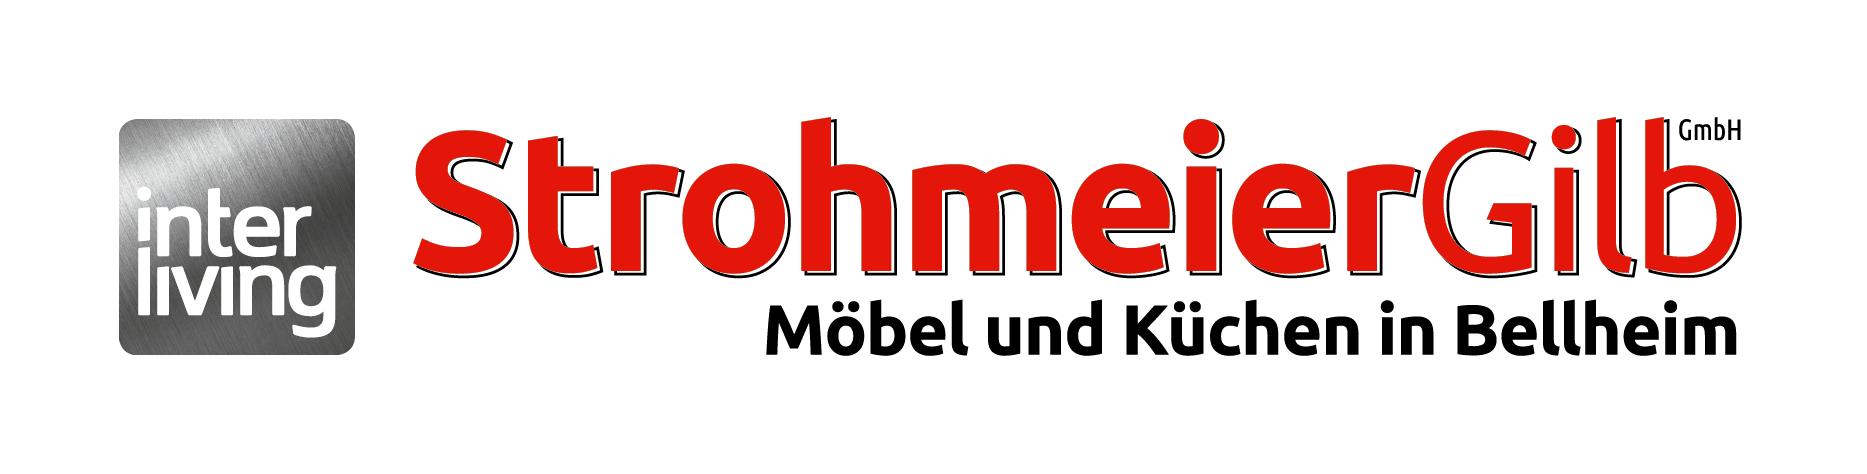 interliving strohmeiergilb in bellheim m bel und k chen in bellheim in bellheim branchenbuch. Black Bedroom Furniture Sets. Home Design Ideas